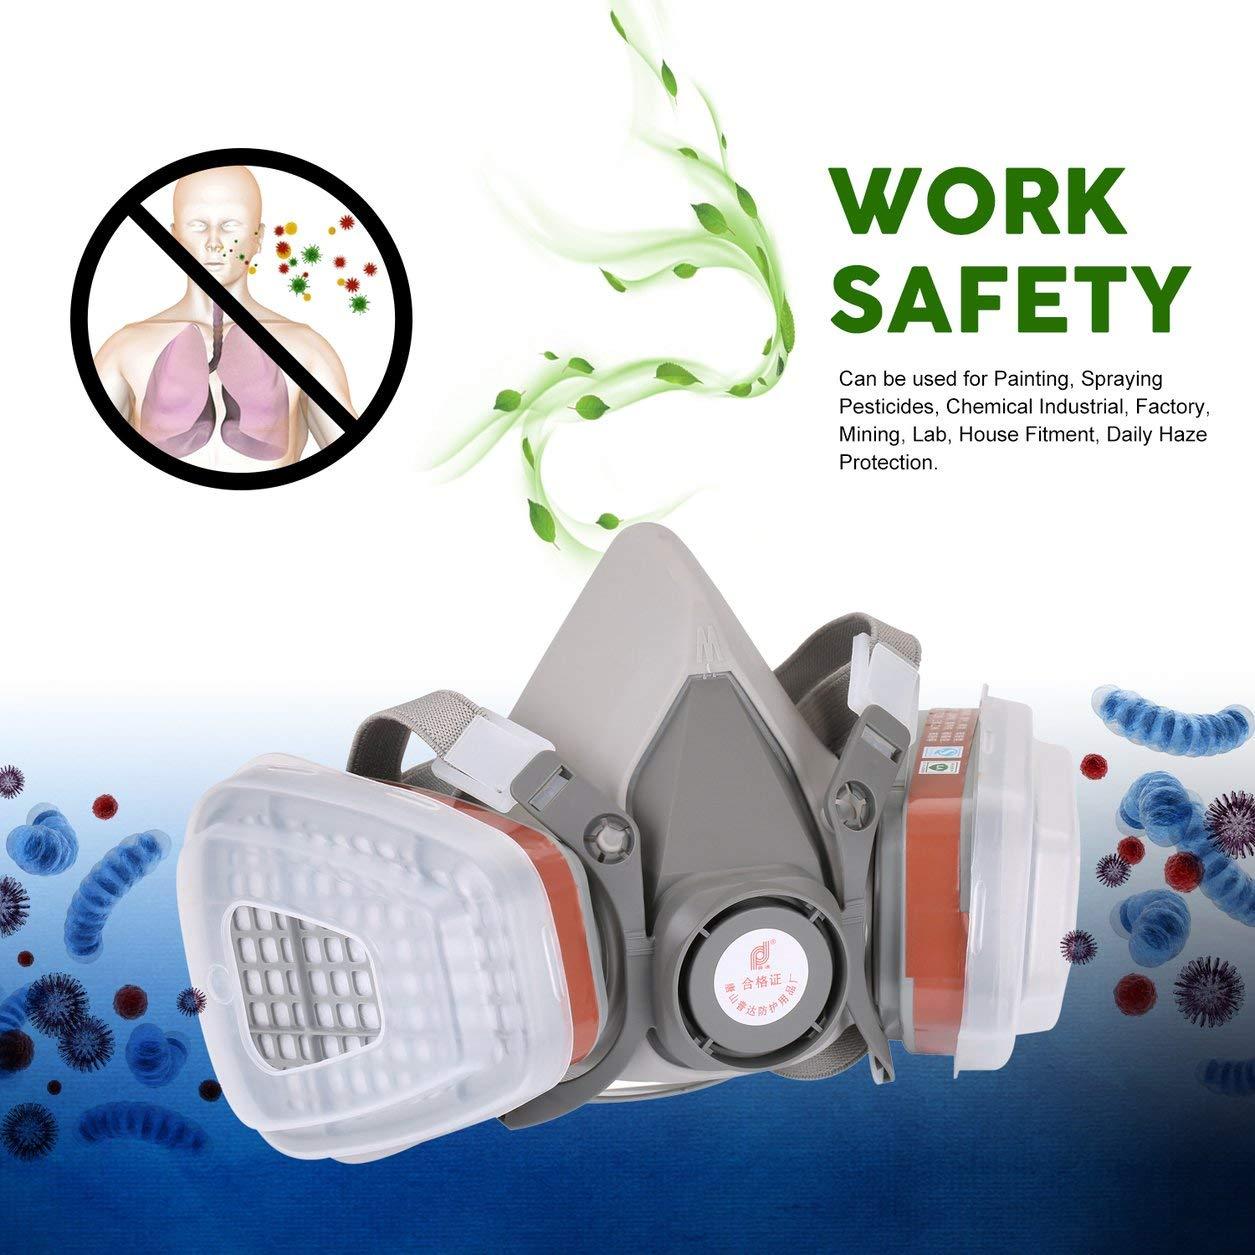 Berufshalbe Gesichtsmaske-Gas-Respirator-Filter fü r das Malen von Sprü harbeit Sicherheitsmasken verhindern organisches Dampf-Gas, grau Dailyinshop